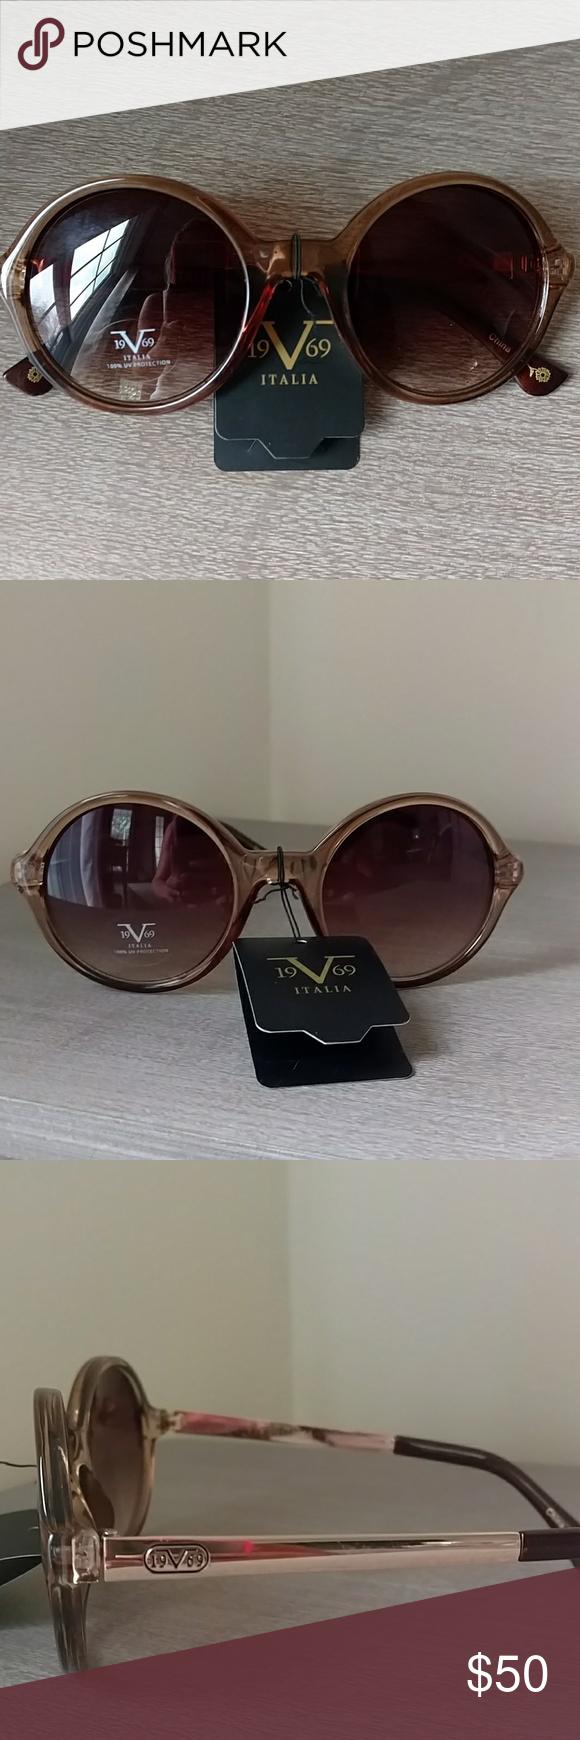 a5660f1a9c 🎆New Versace V19.69 Italia sunglasses🎆final pri New w tag